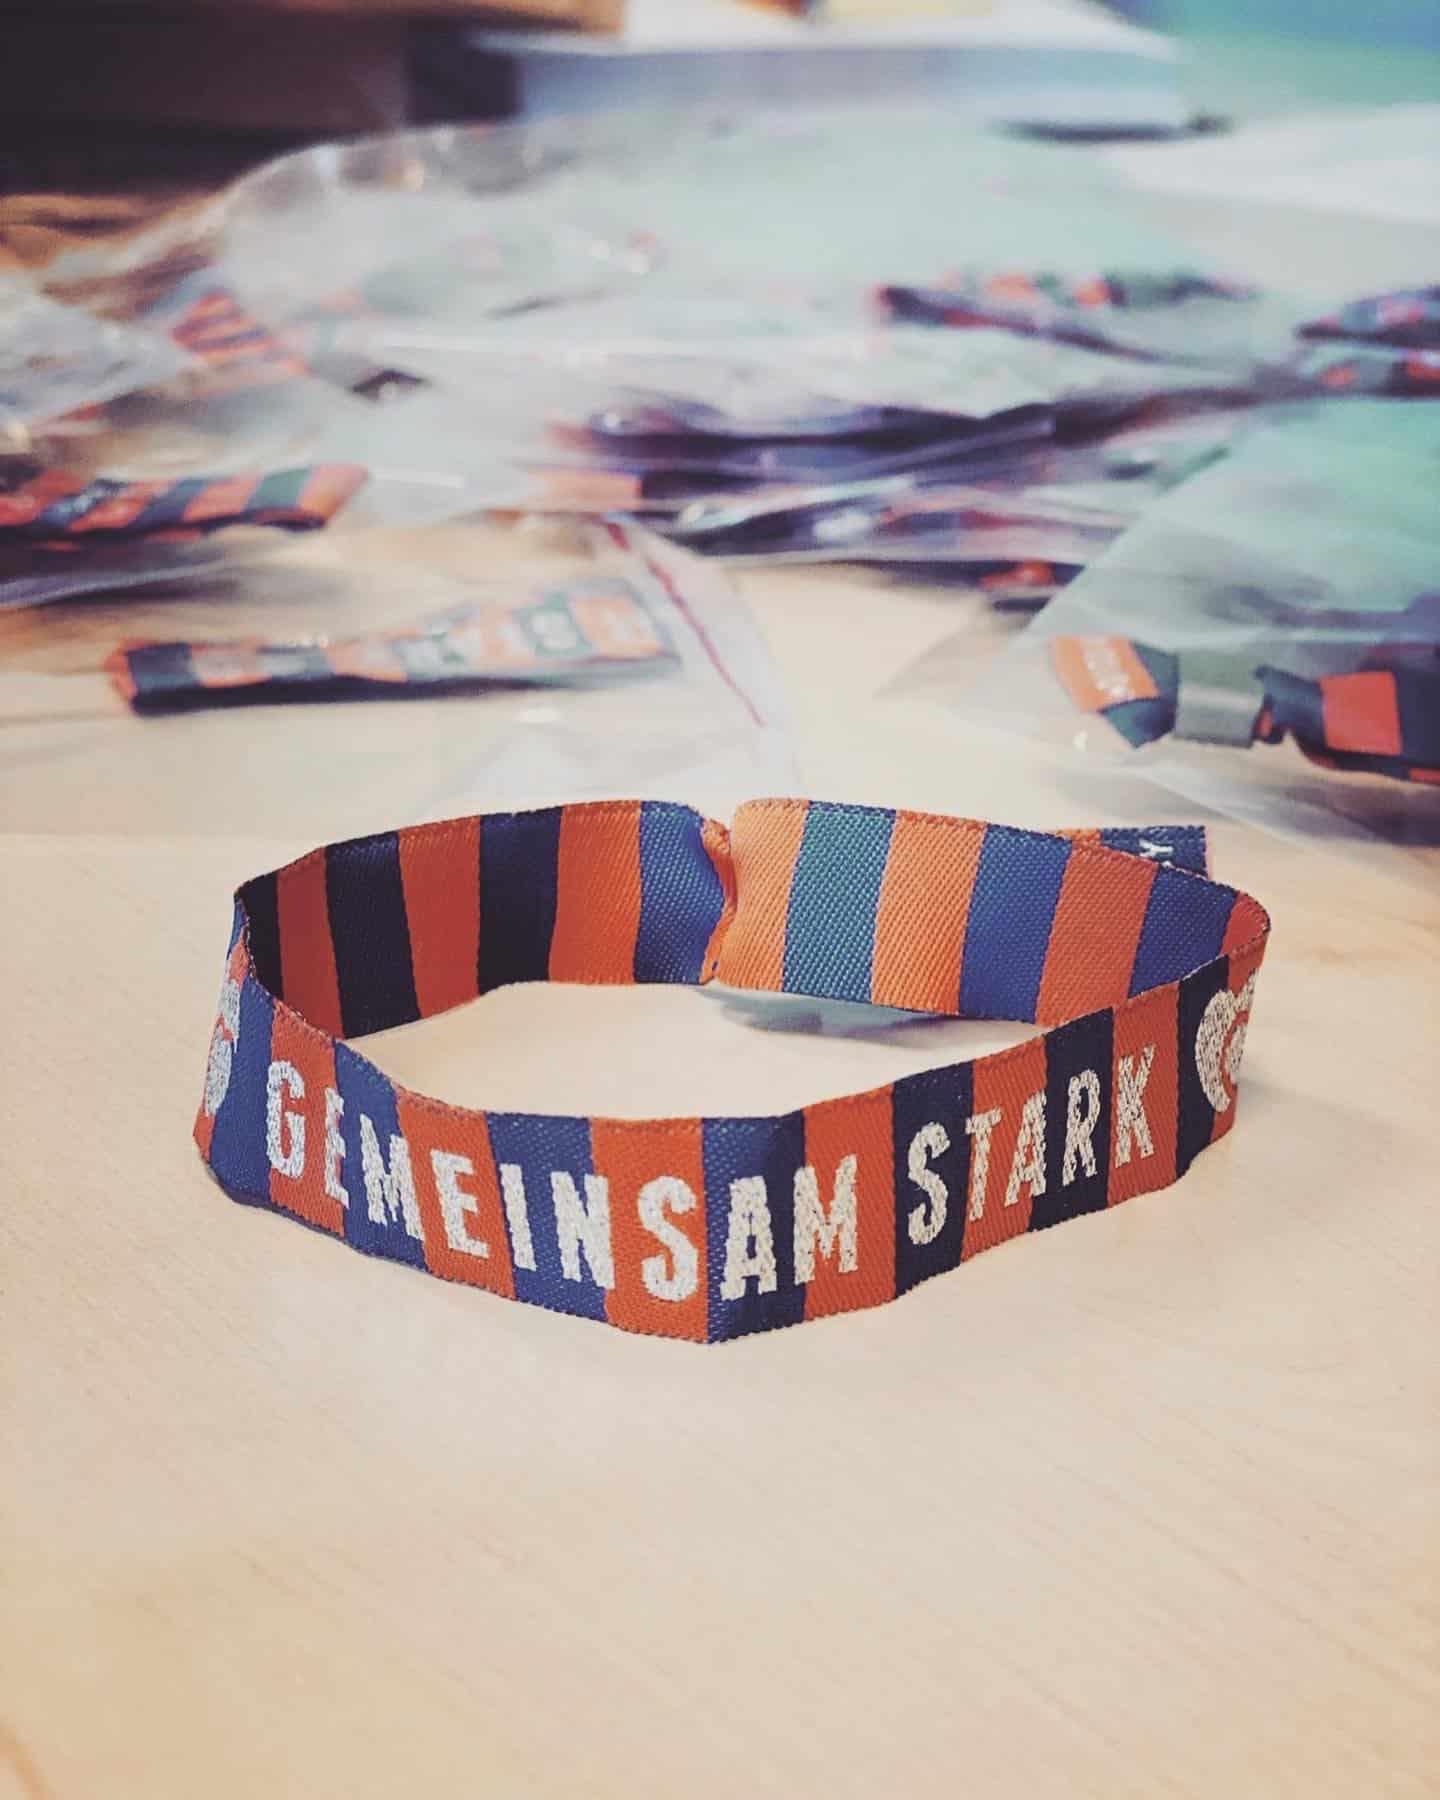 Gemeinsam stark Team Bracelets der Berliner Volksbank